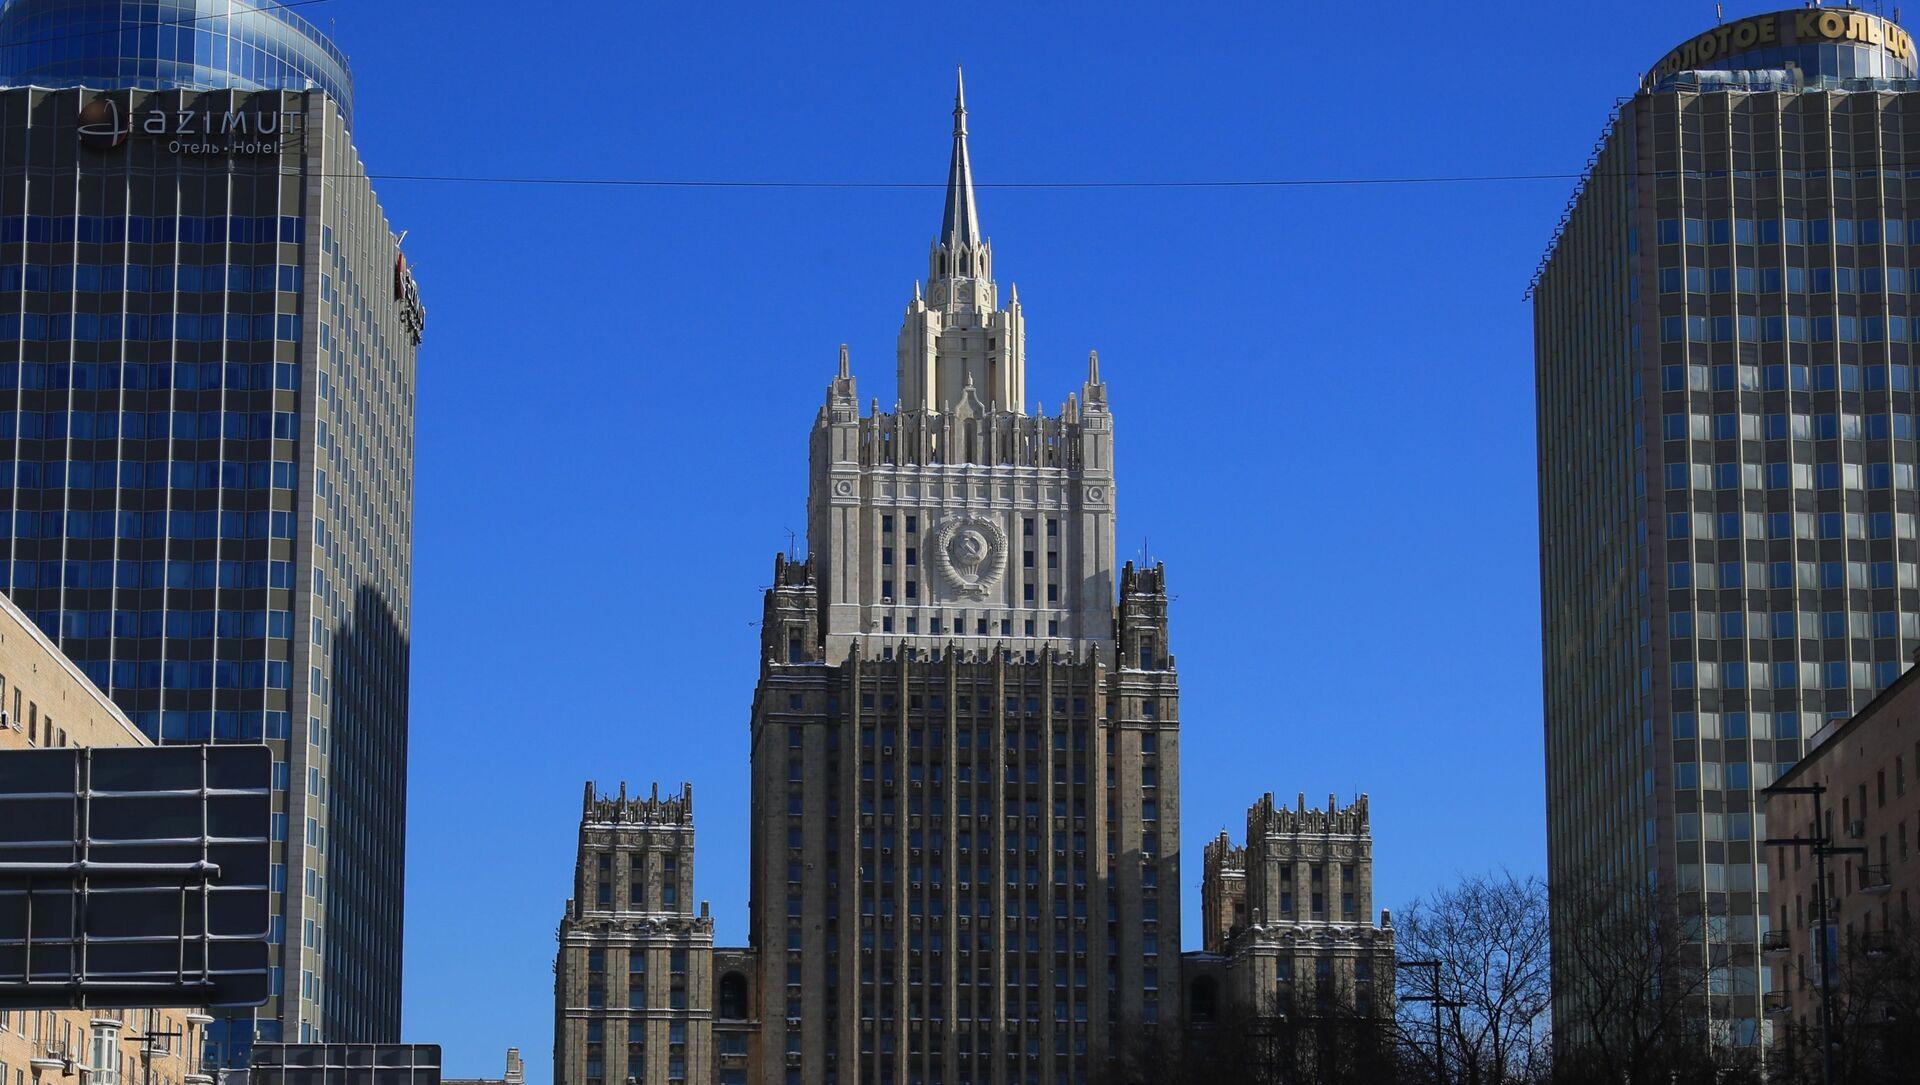 Tòa nhà của Bộ Ngoại giao Liên bang Nga. - Sputnik Việt Nam, 1920, 26.03.2021